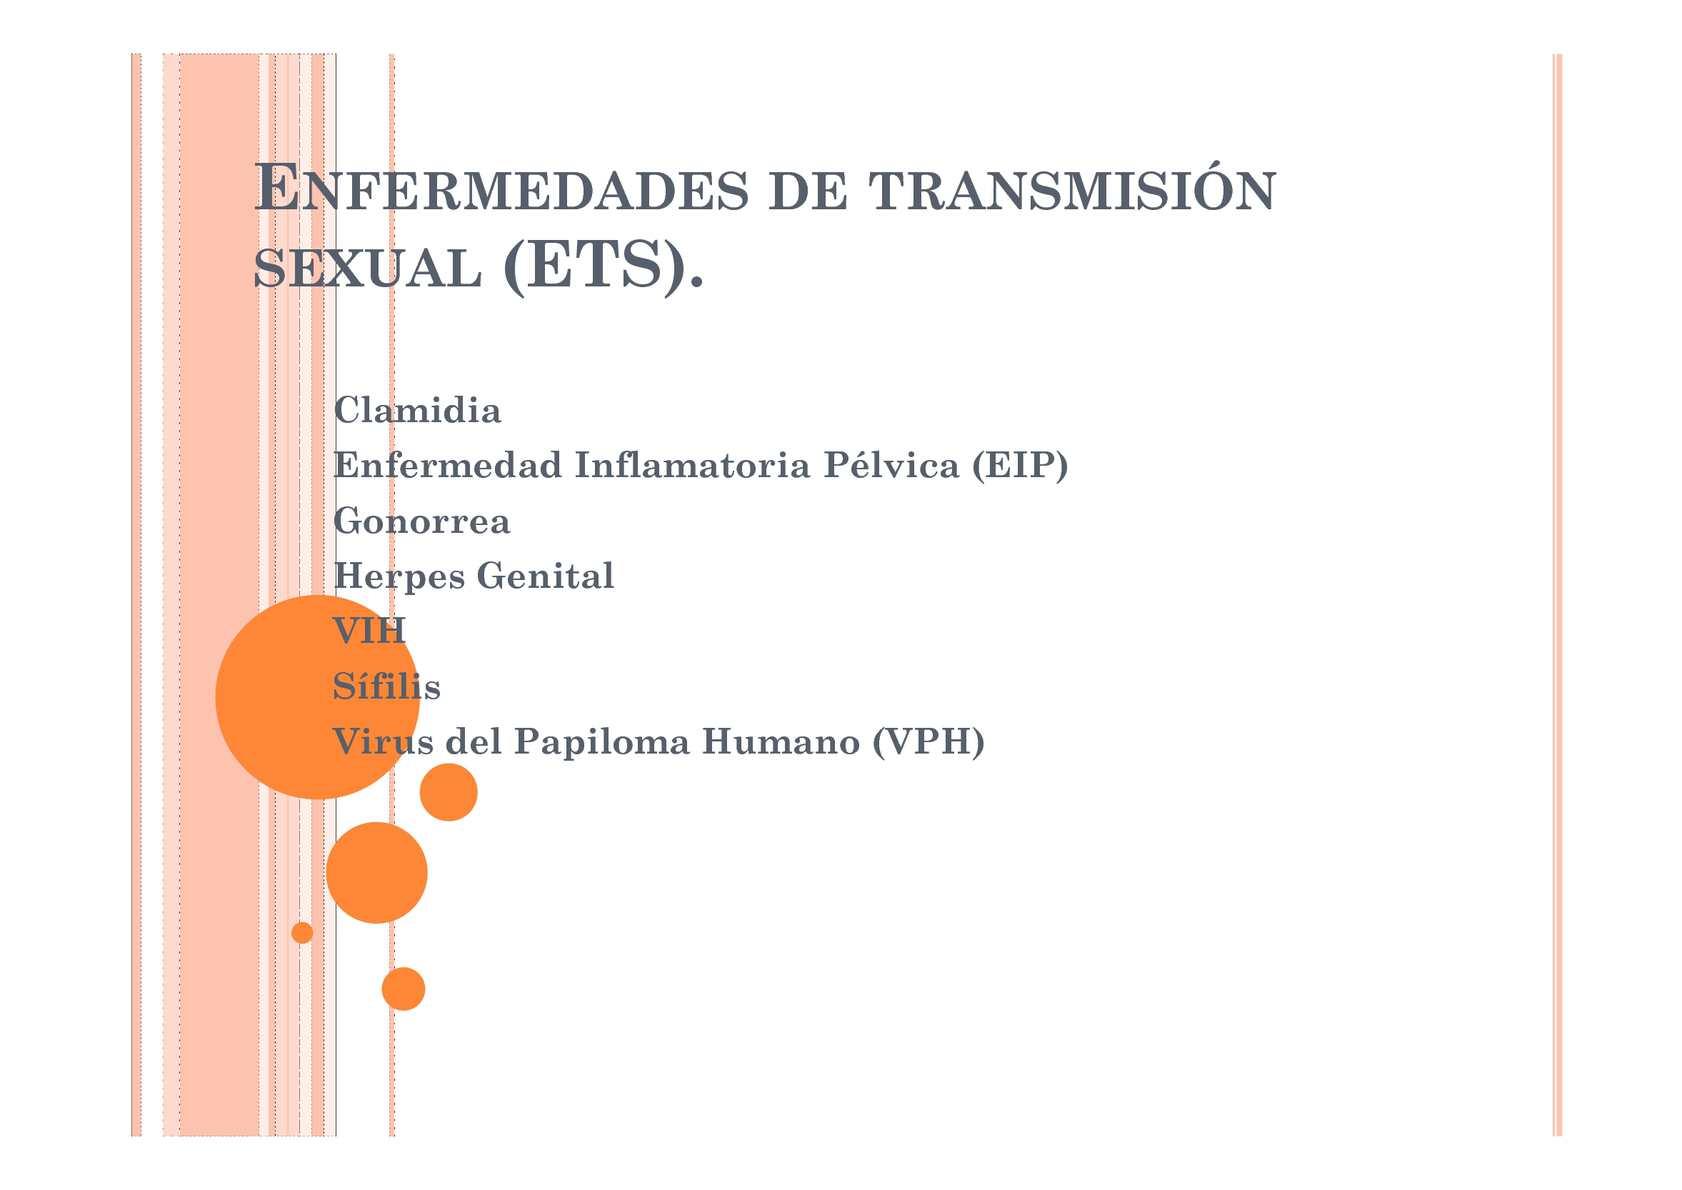 sintomas de enfermedad pelvica inflamatoria pdf